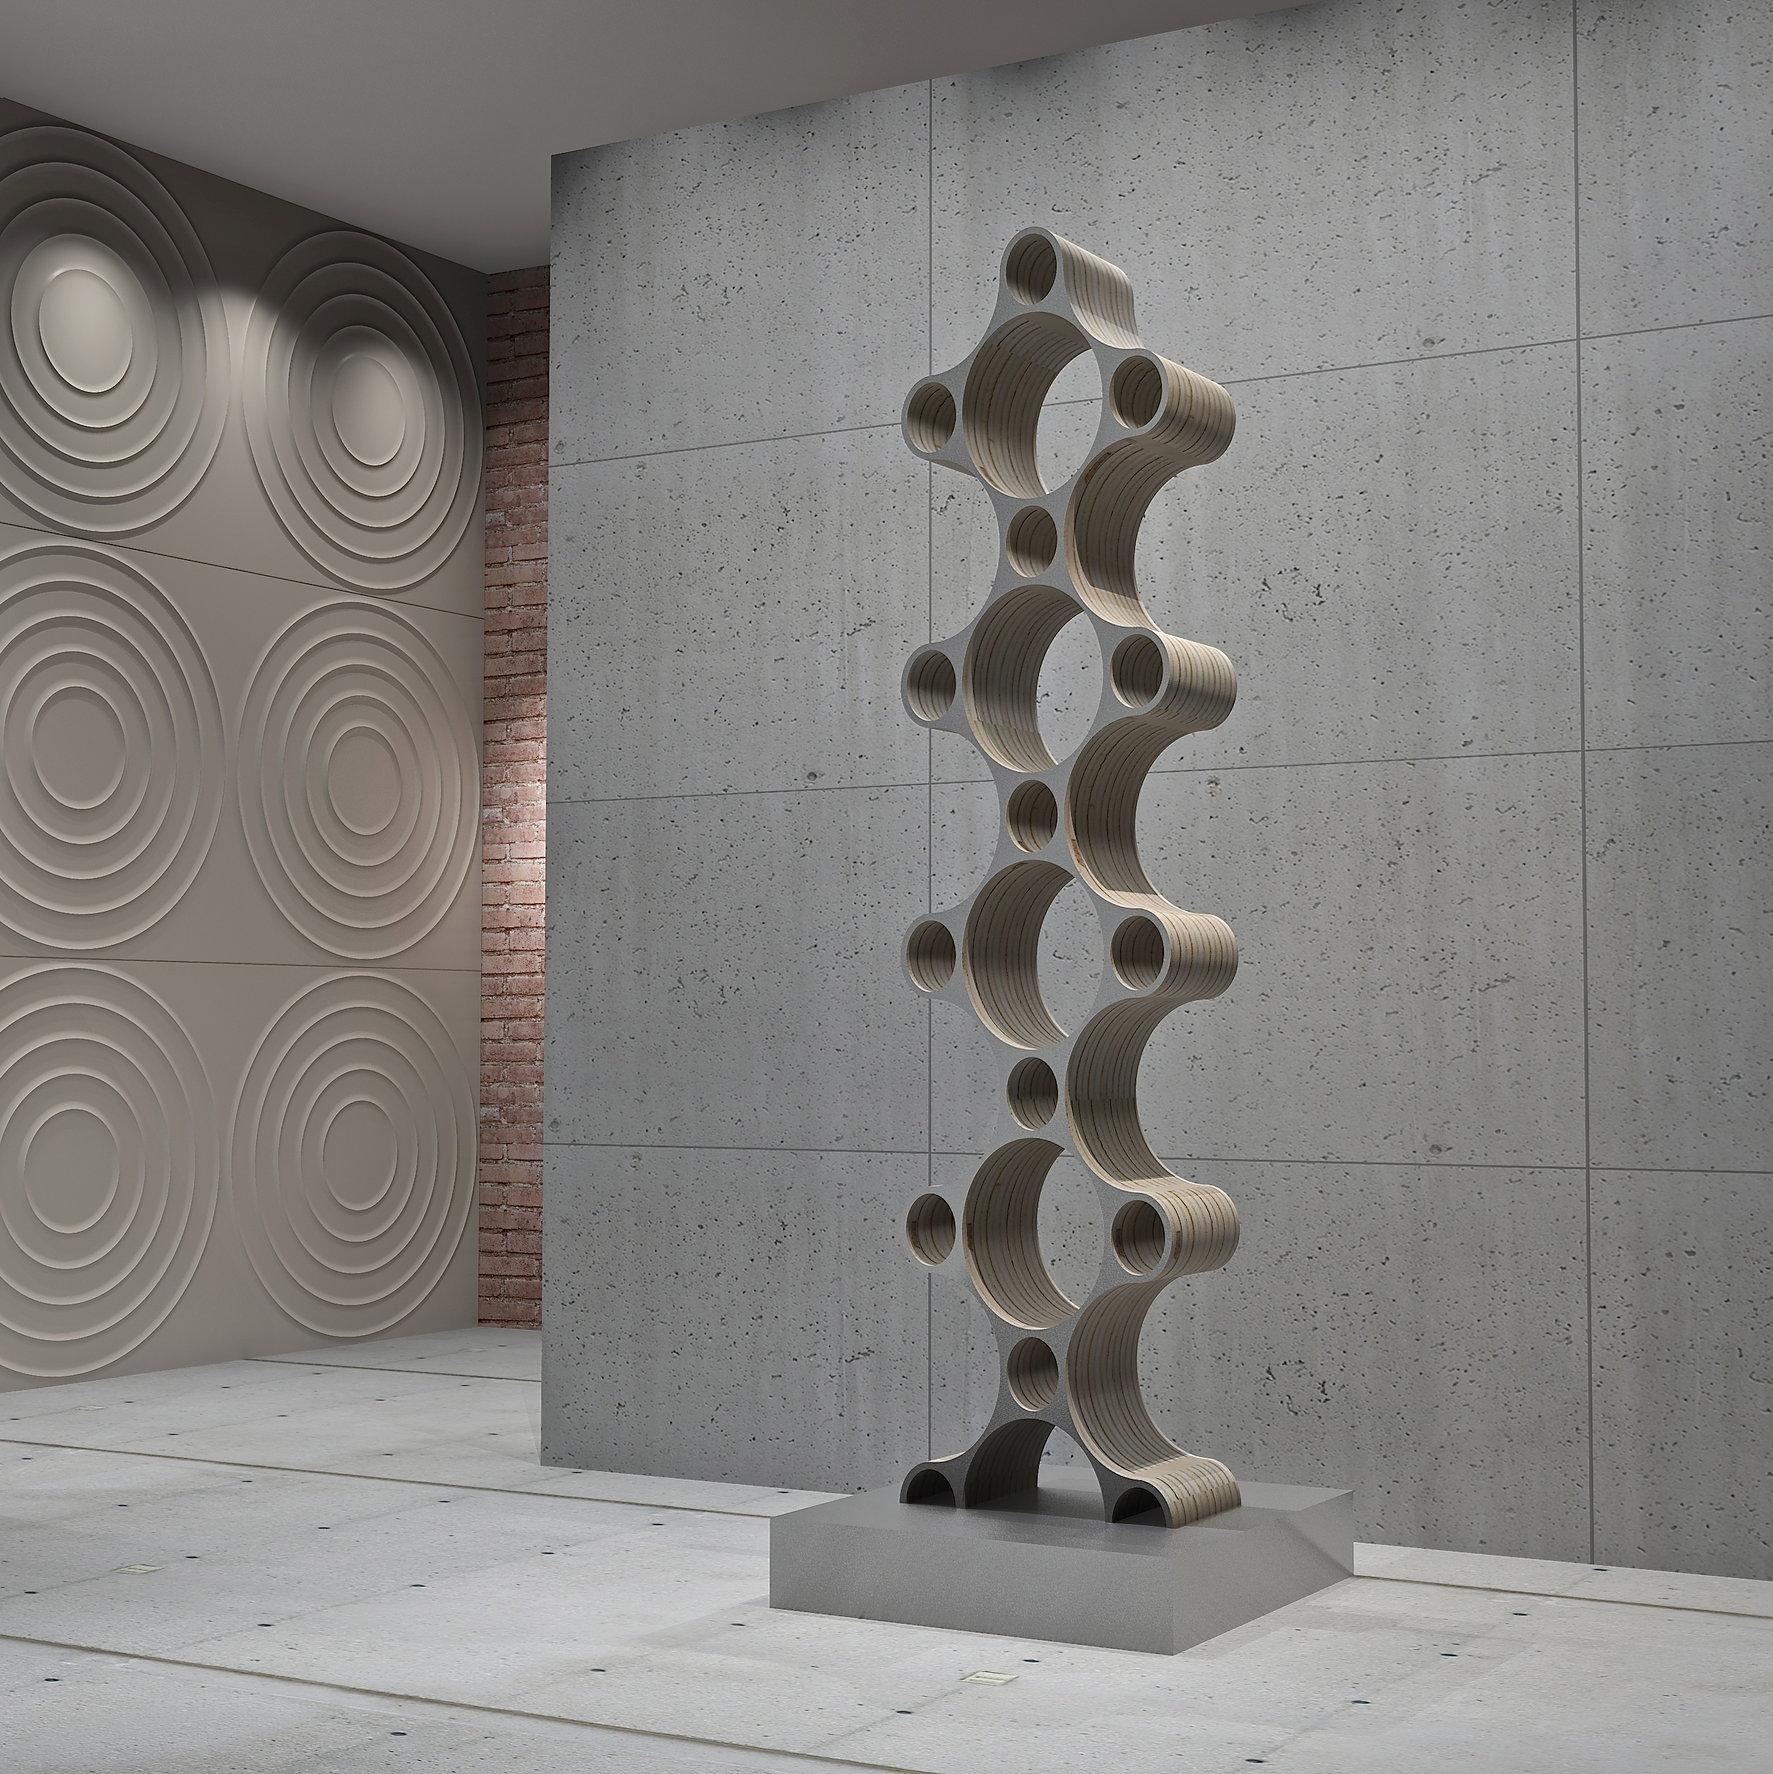 sculpture29b.jpg